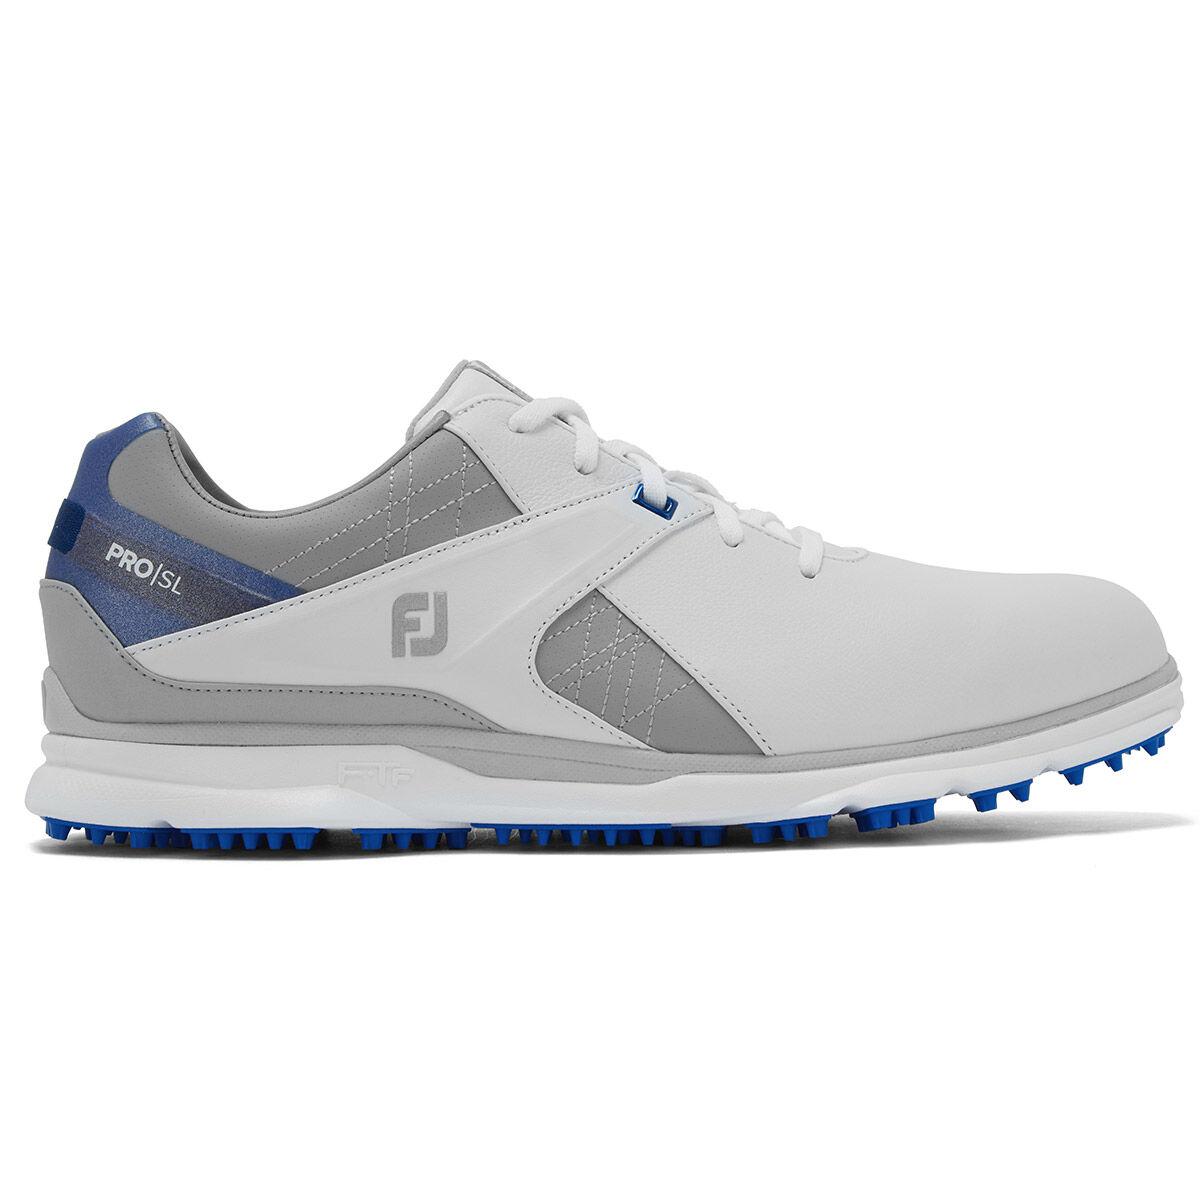 FootJoy Pro SL Schuhe 2020